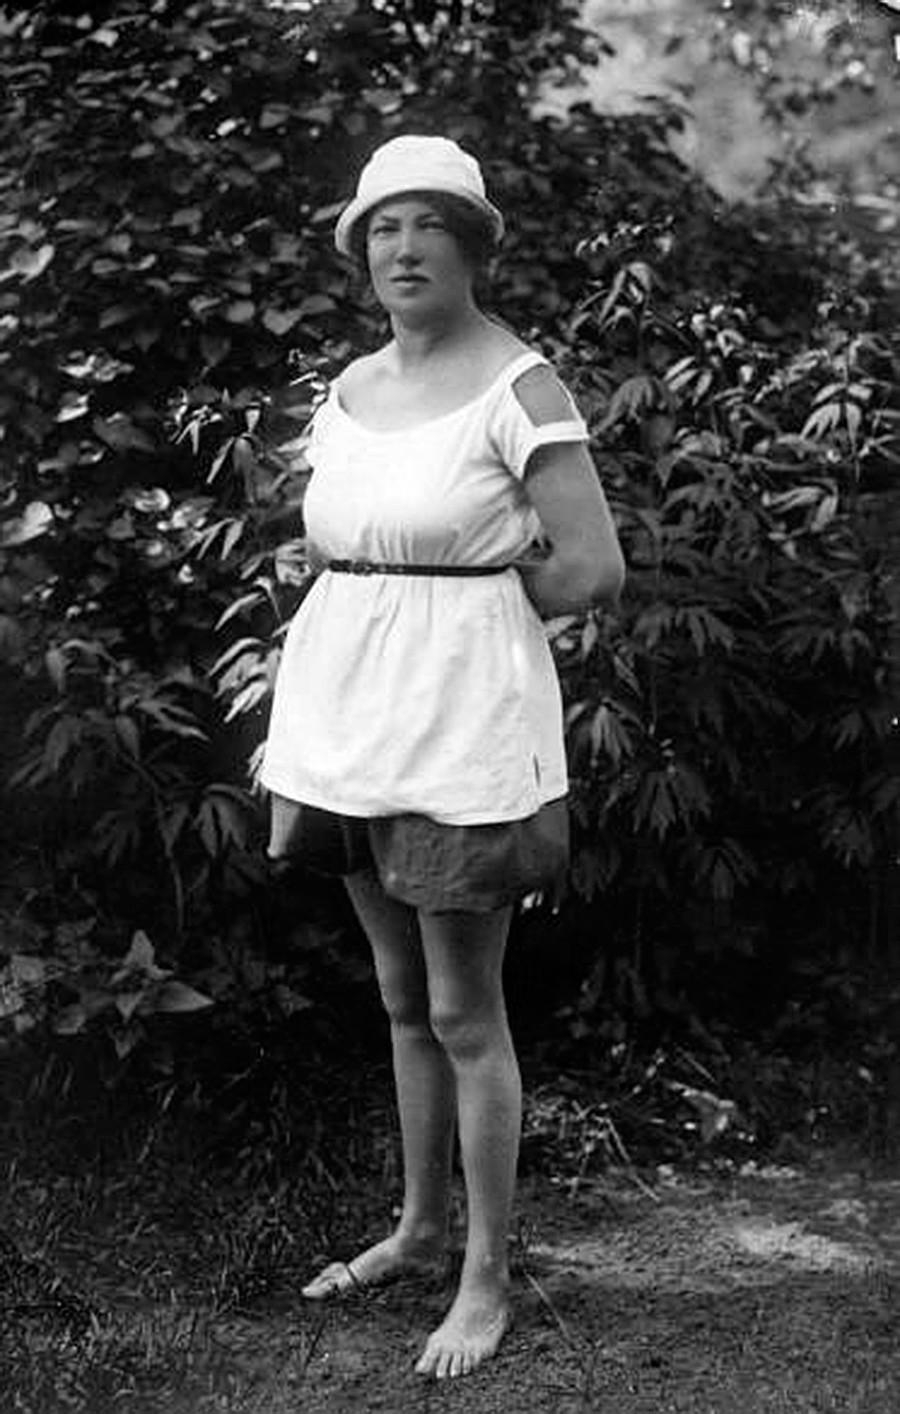 Eine Frau in kurzen Hosen